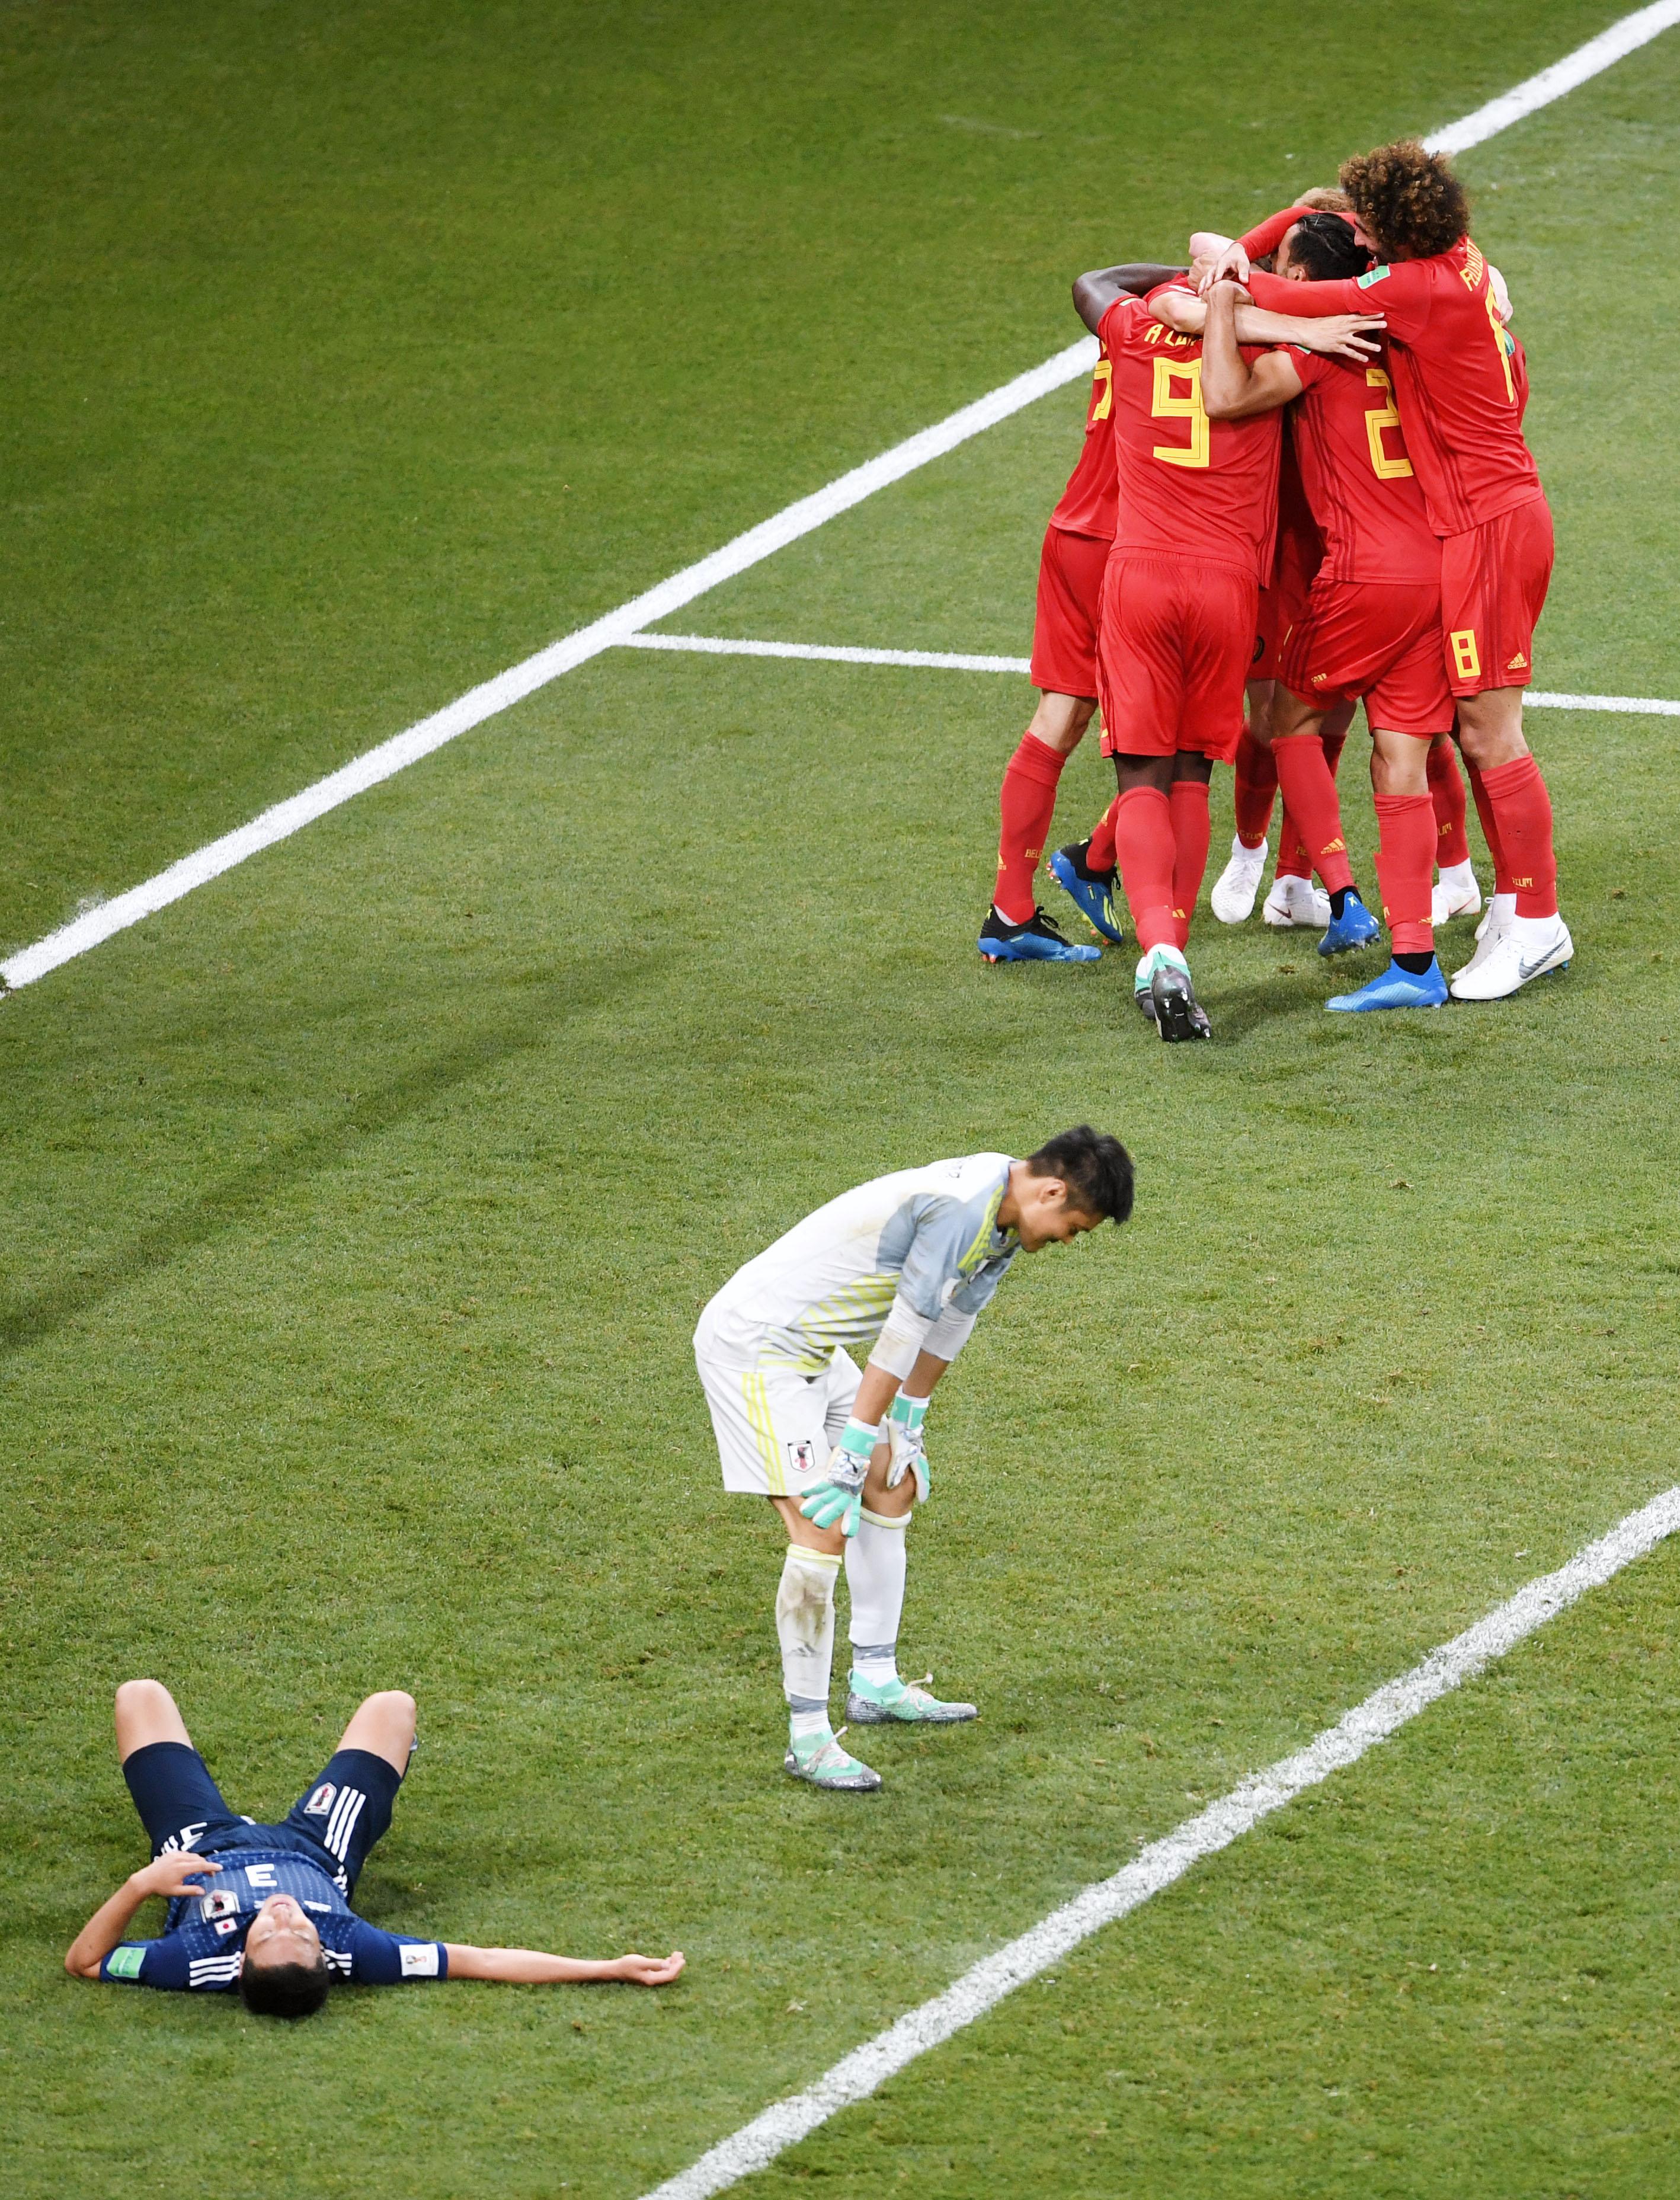 Футболисты сборной Японии после проигрыша Бельгии. Решающий гол напоследней минуте в1/8 финала забил бельгиец Насер Шадли.